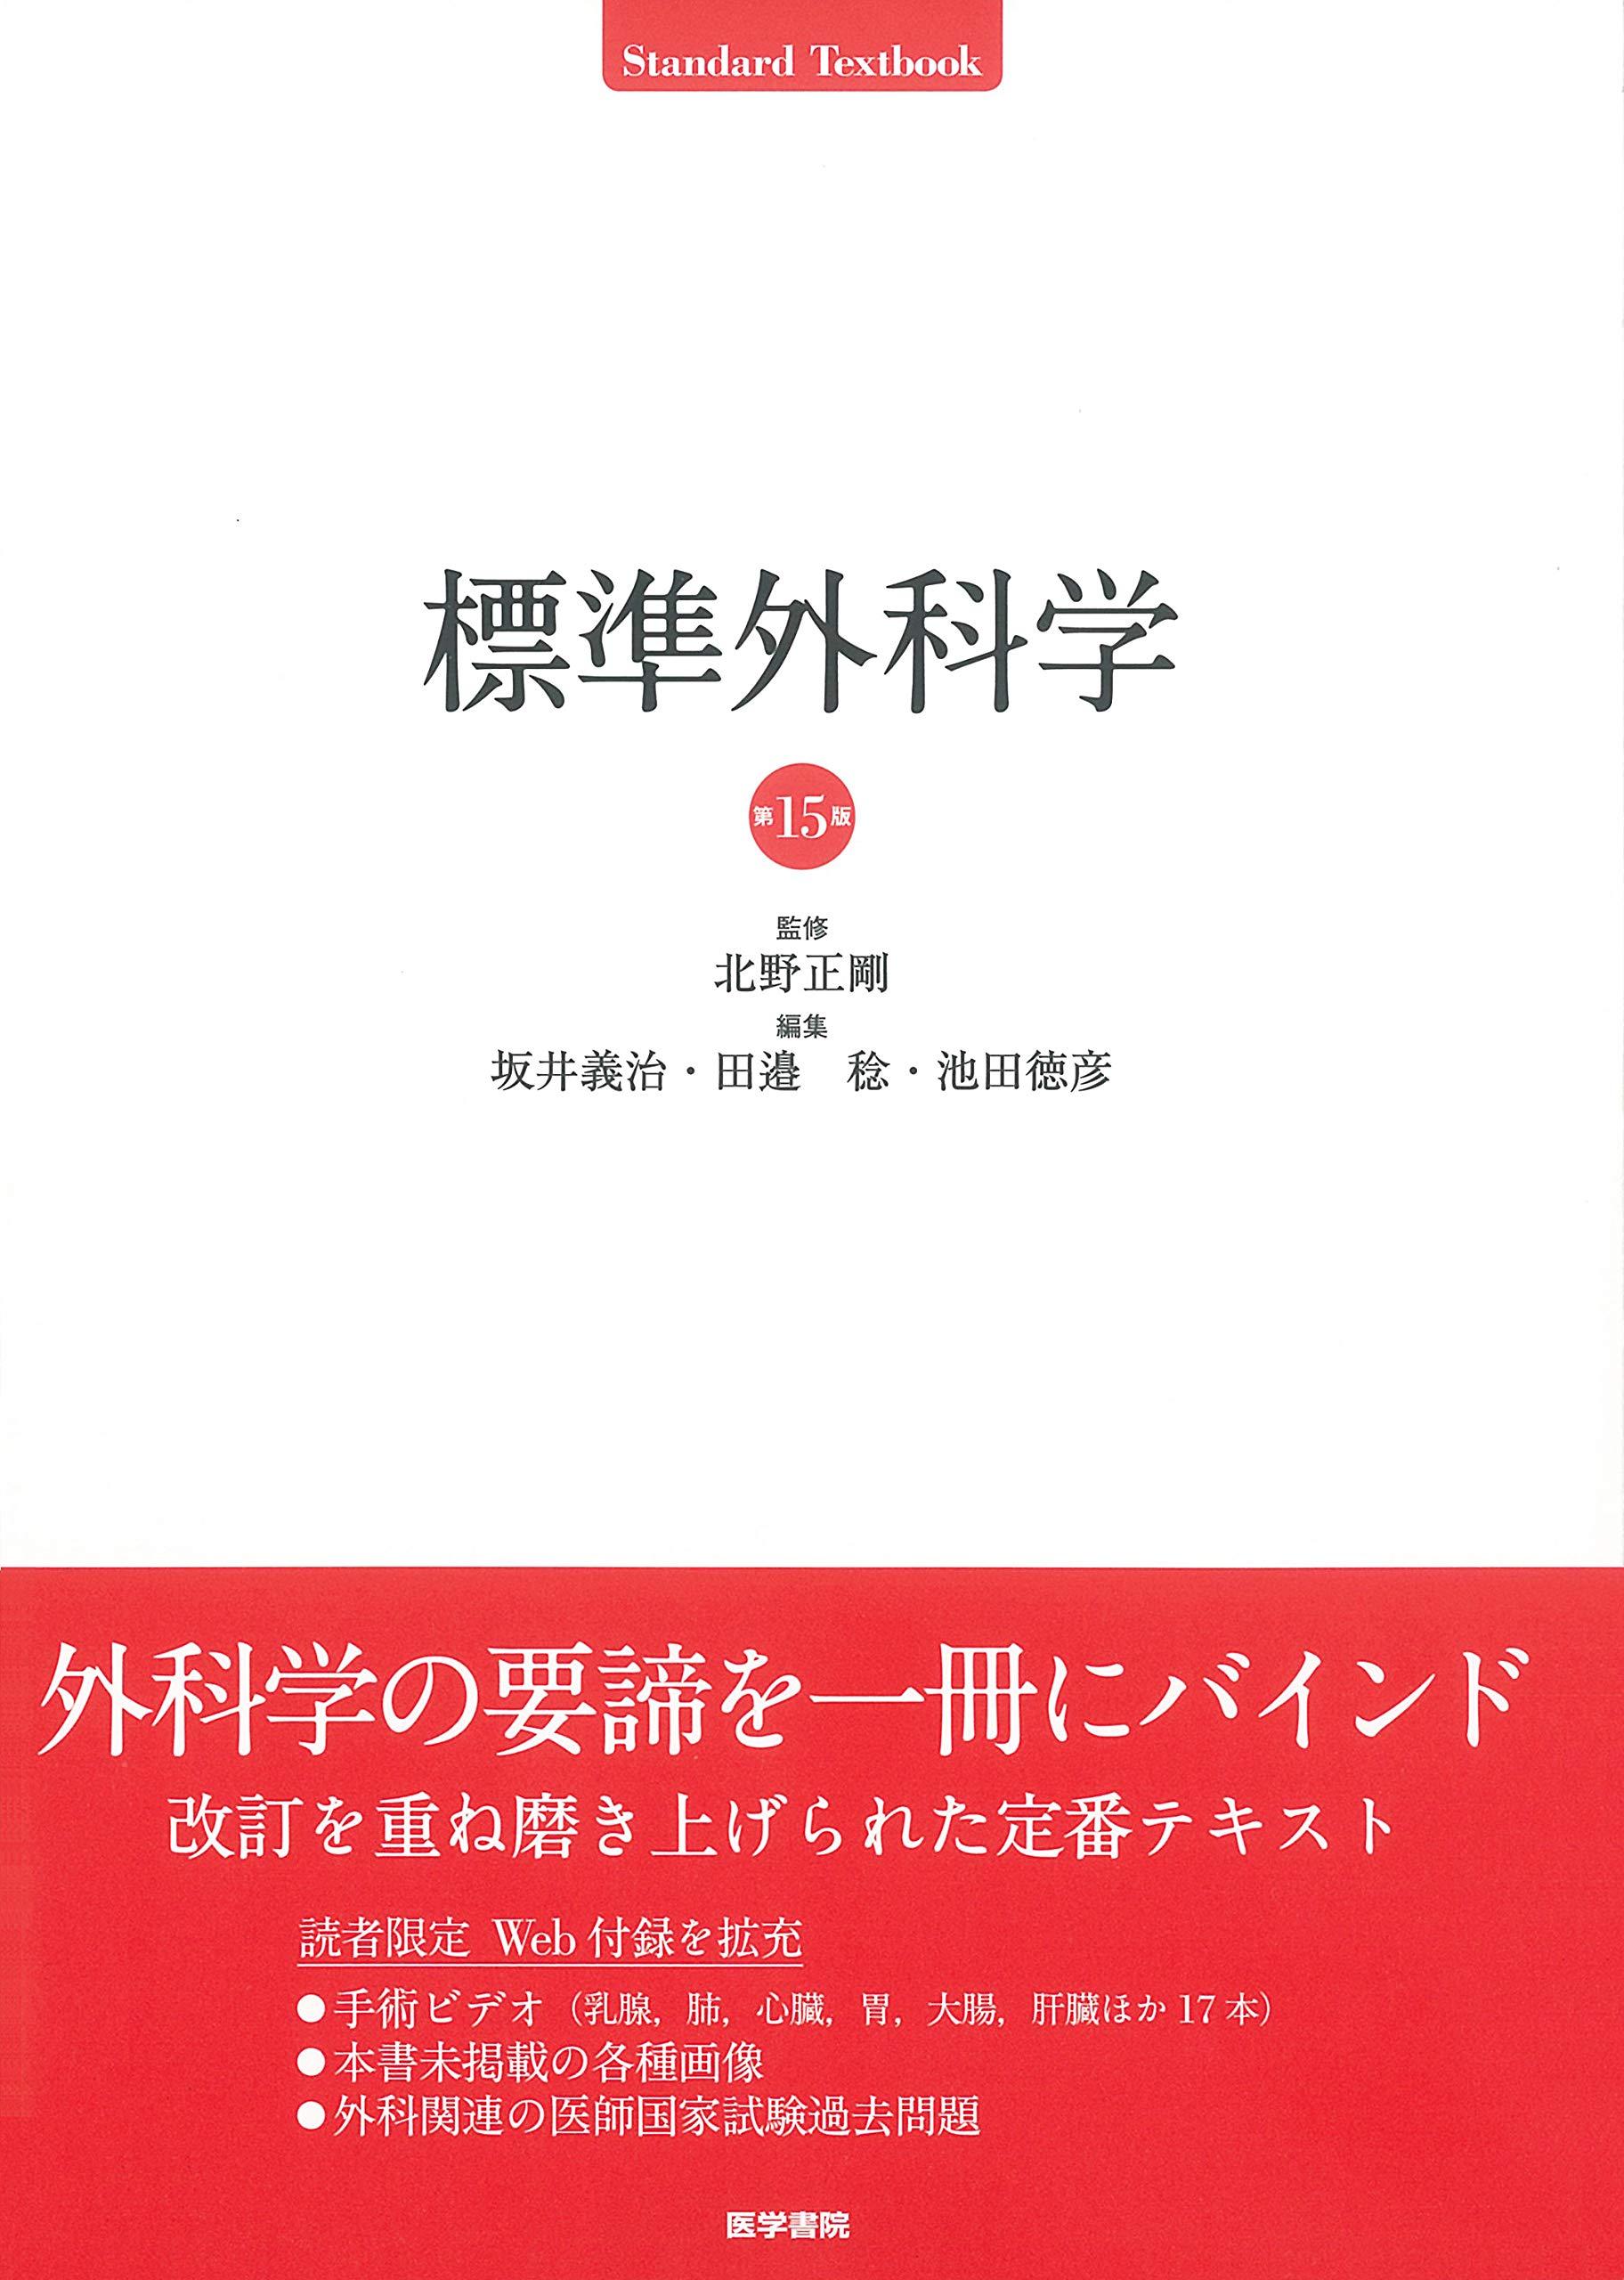 標準外科学 第15版 (Standard textbook) | 北野 正剛 |本 | 通販 | Amazon